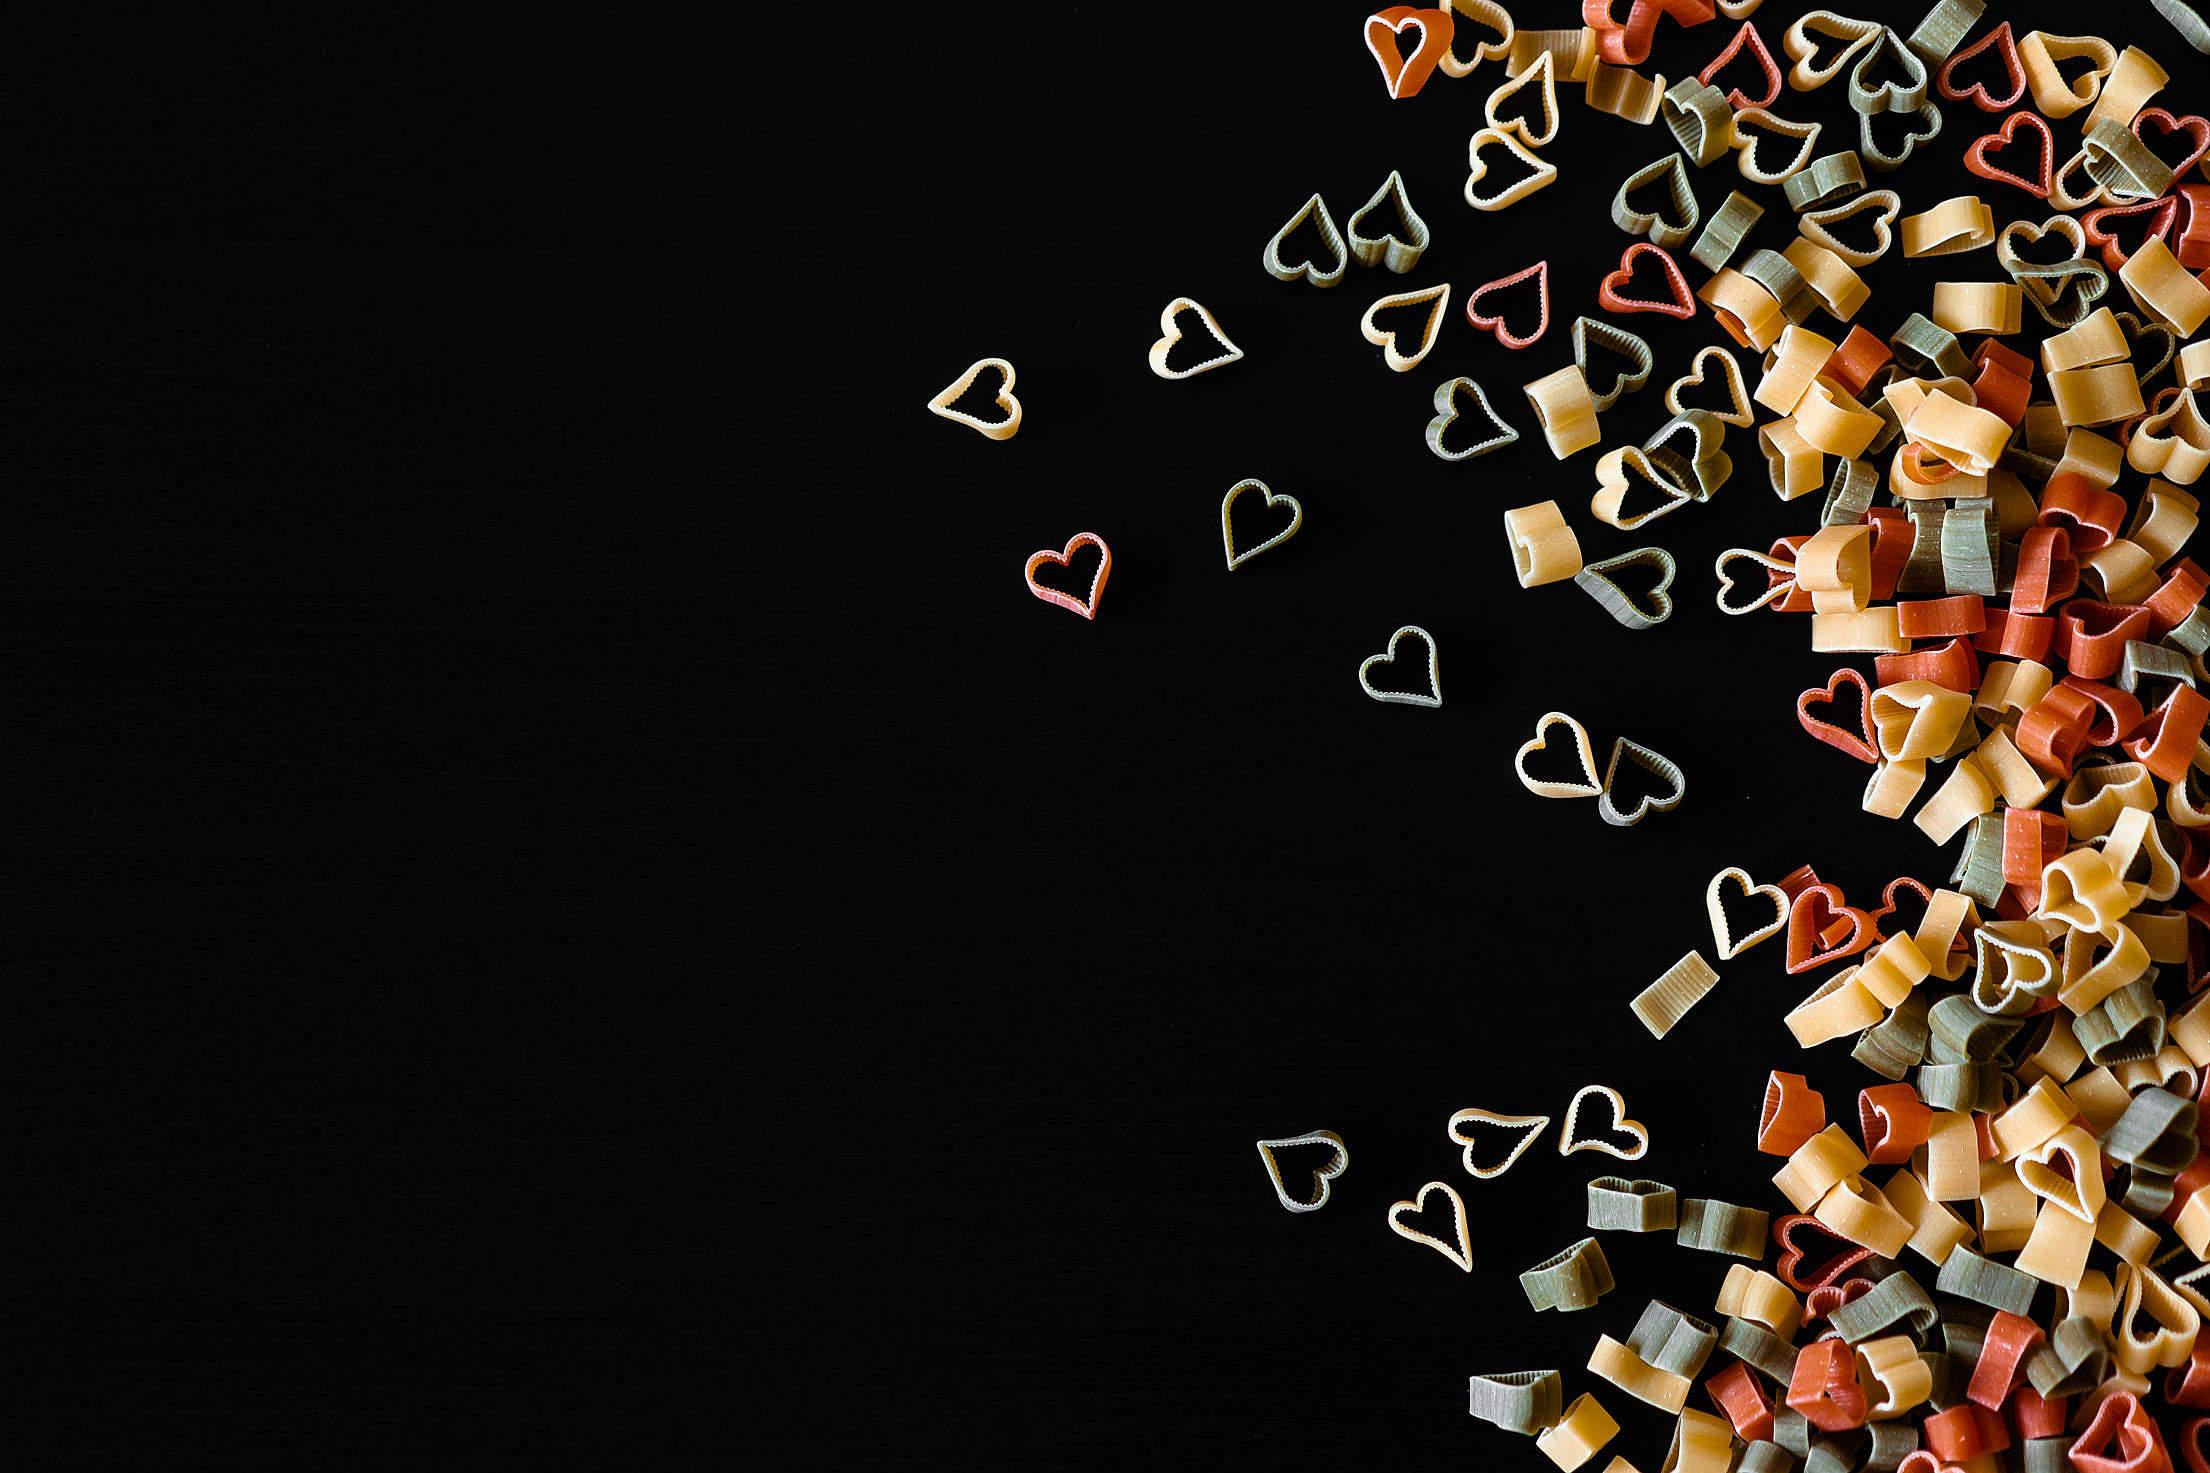 Heart Shaped Pasta Free Stock Photo